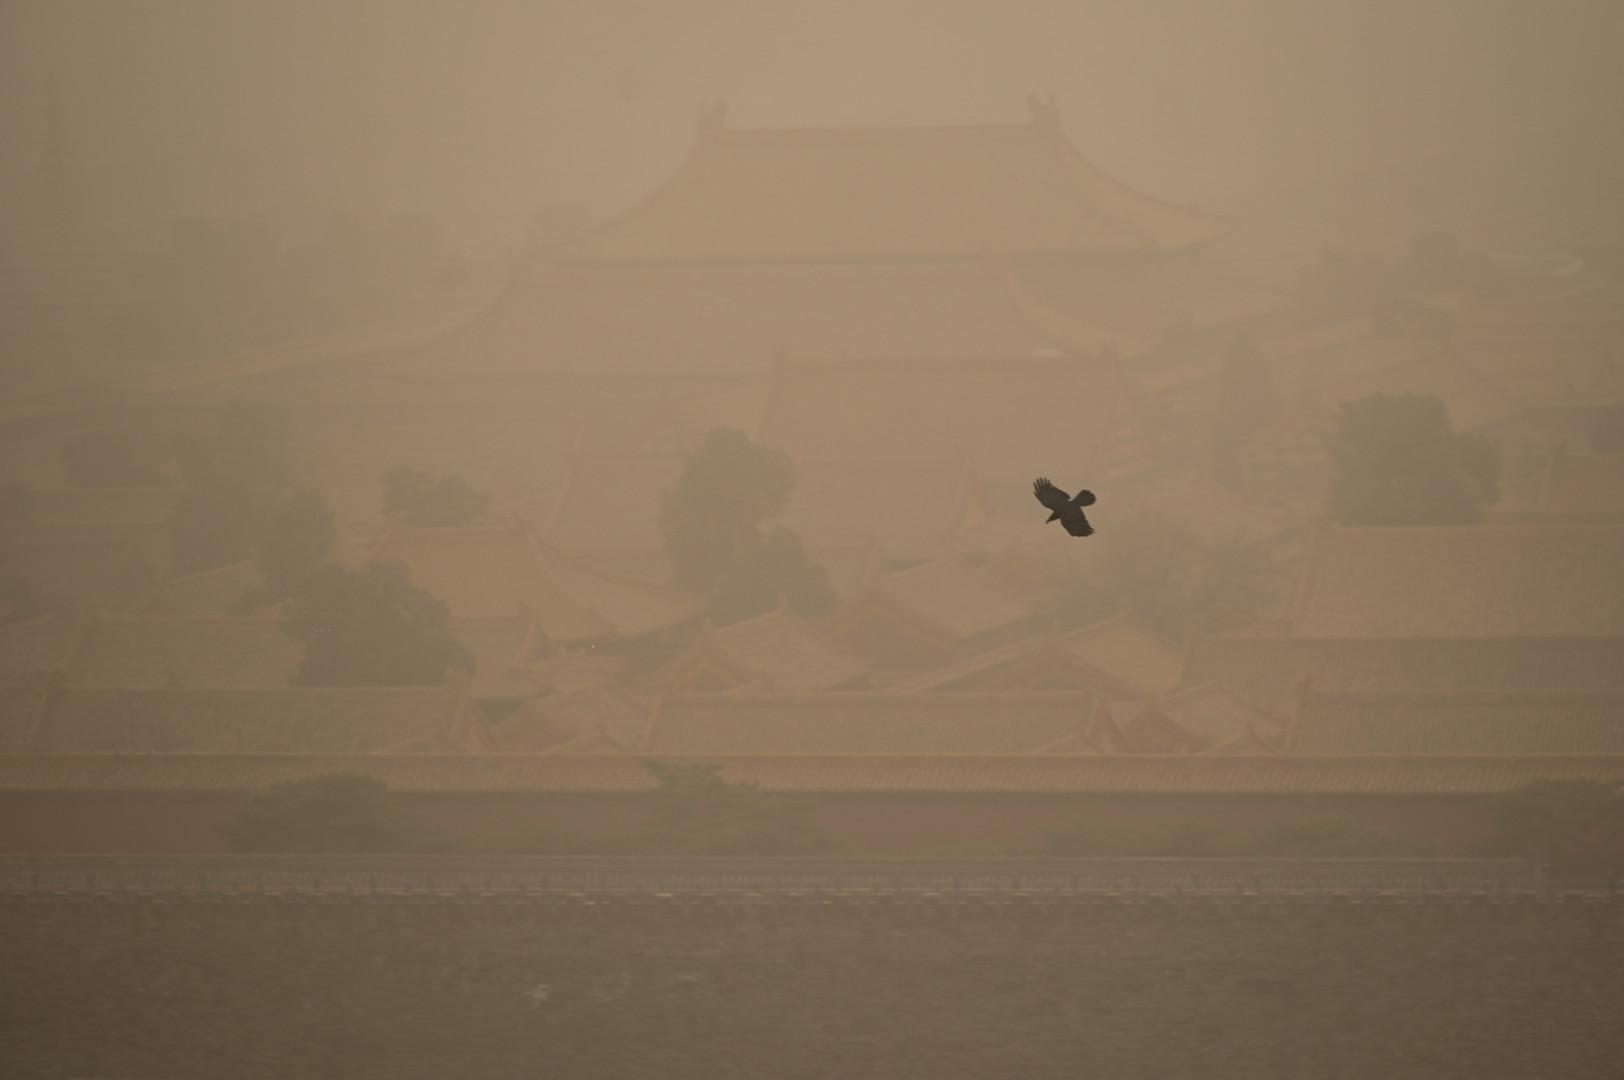 Un corbeau survole la Cité Interdite lors d'une tempête de sable à Pékin le 15 mars 2021.